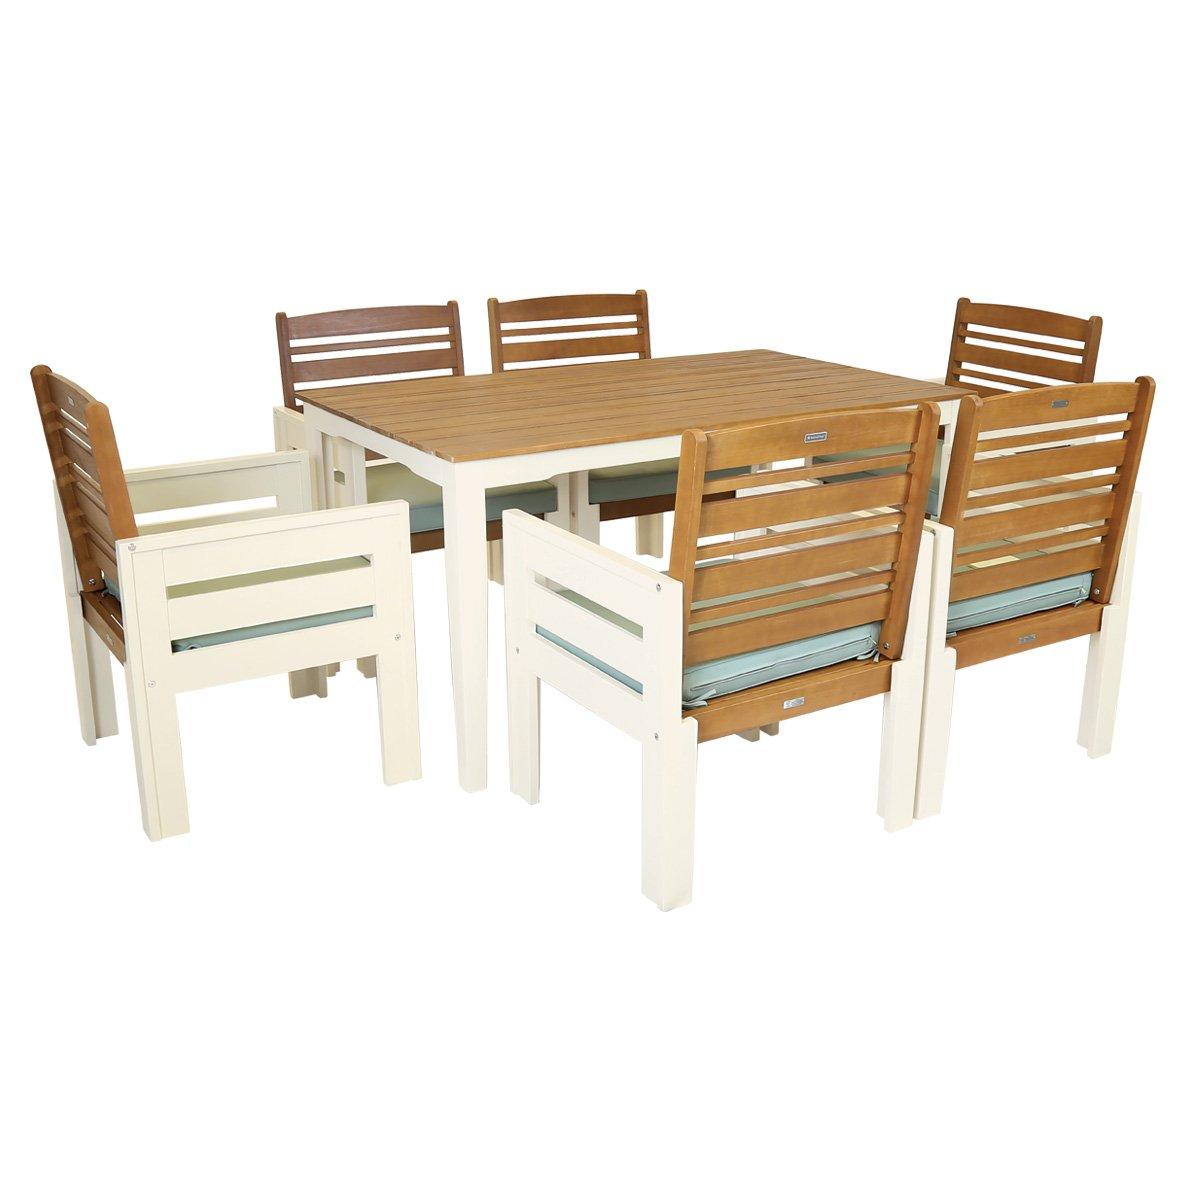 Charles Bentley National Trust Kingston - 7-tlg. Gartenmöbel-Set Tisch & 6 Stühle - Grün oder Creme - Creme